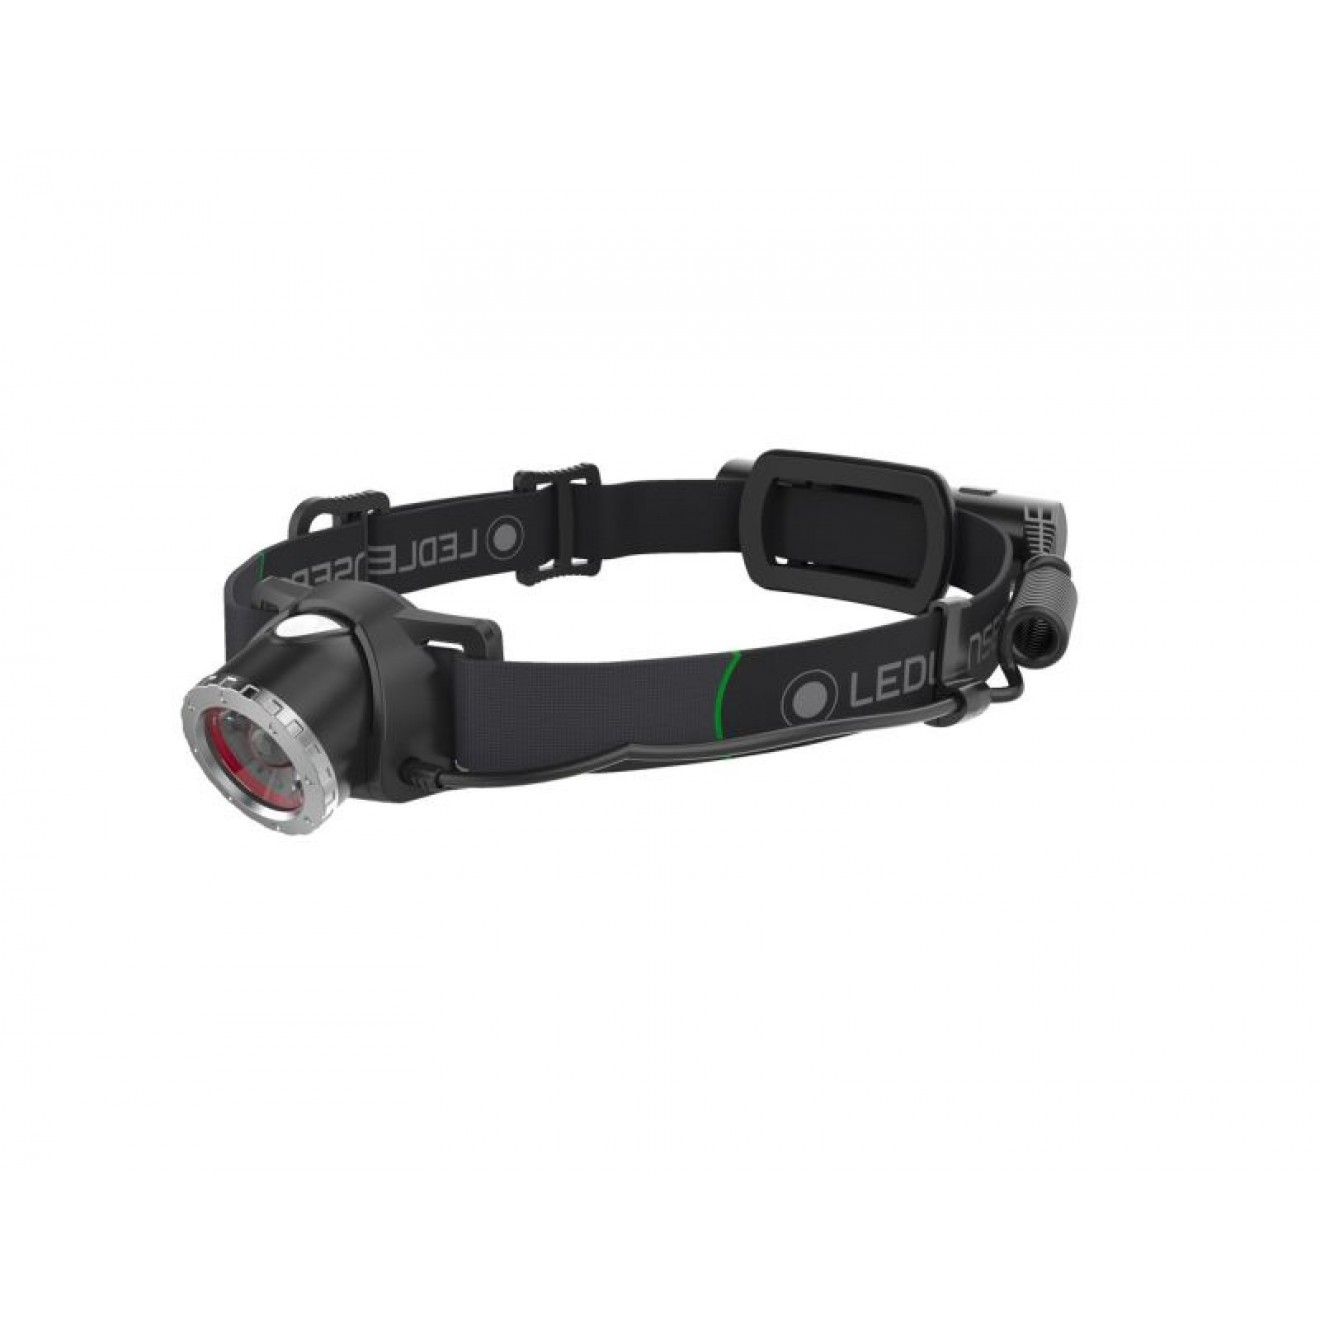 Ledlenser Strinlampe 100 Lumen MH2 DIE NEUE OUTDOOR RANGE 501503